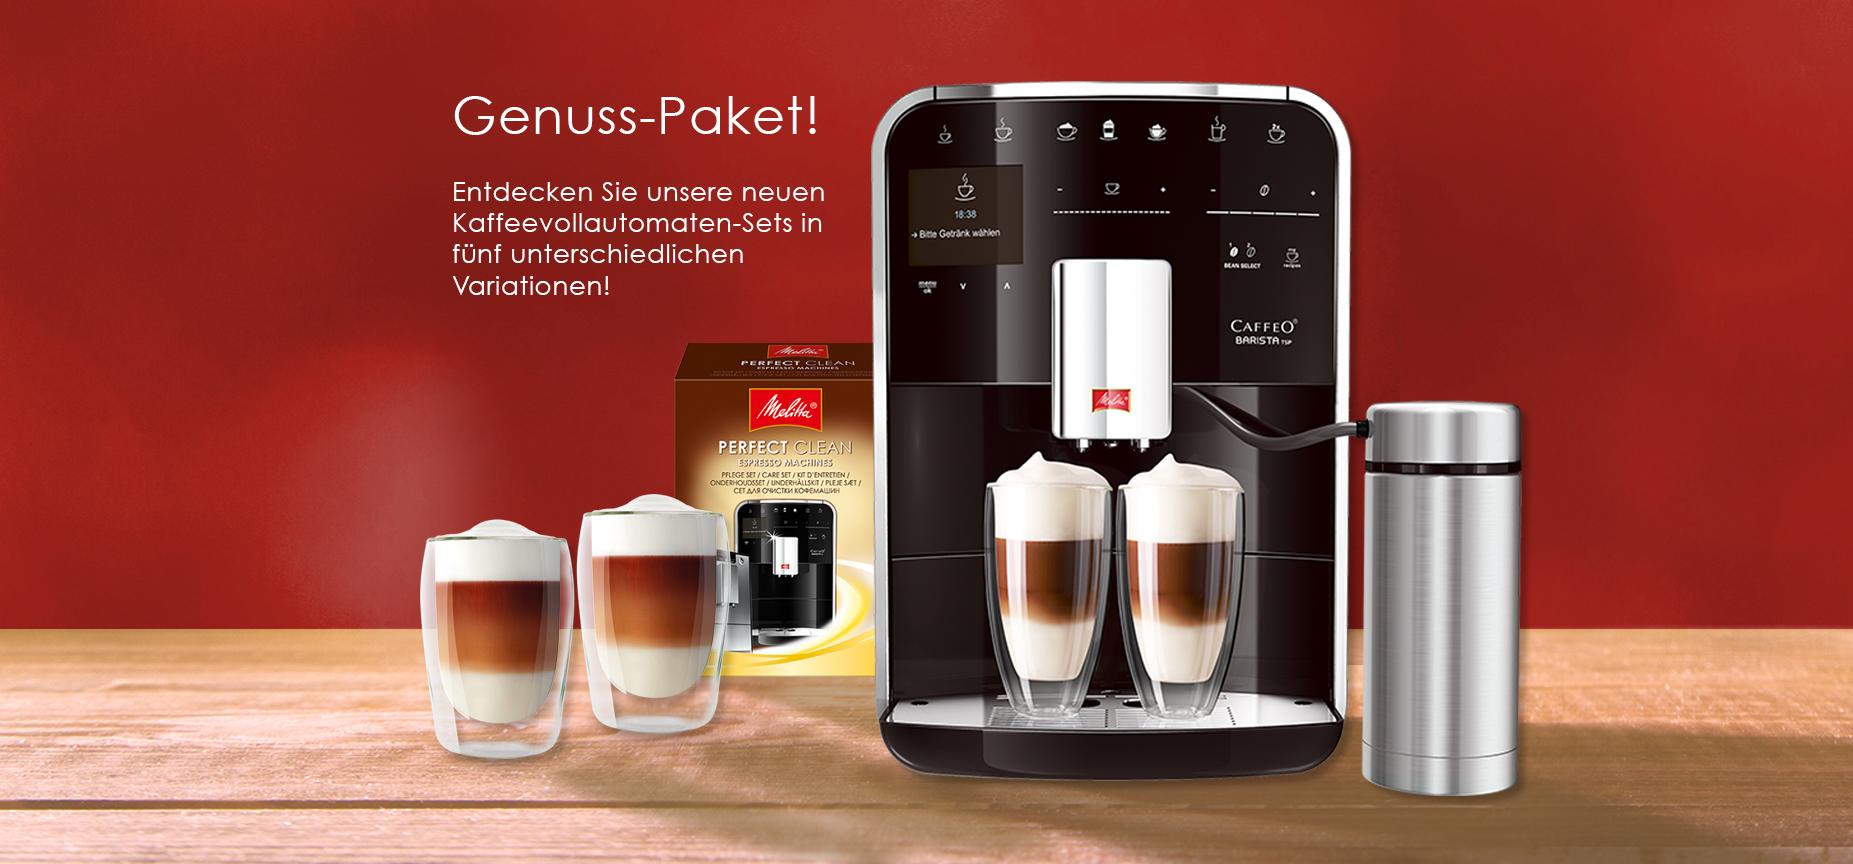 Kaffeevollautomaten-Sets